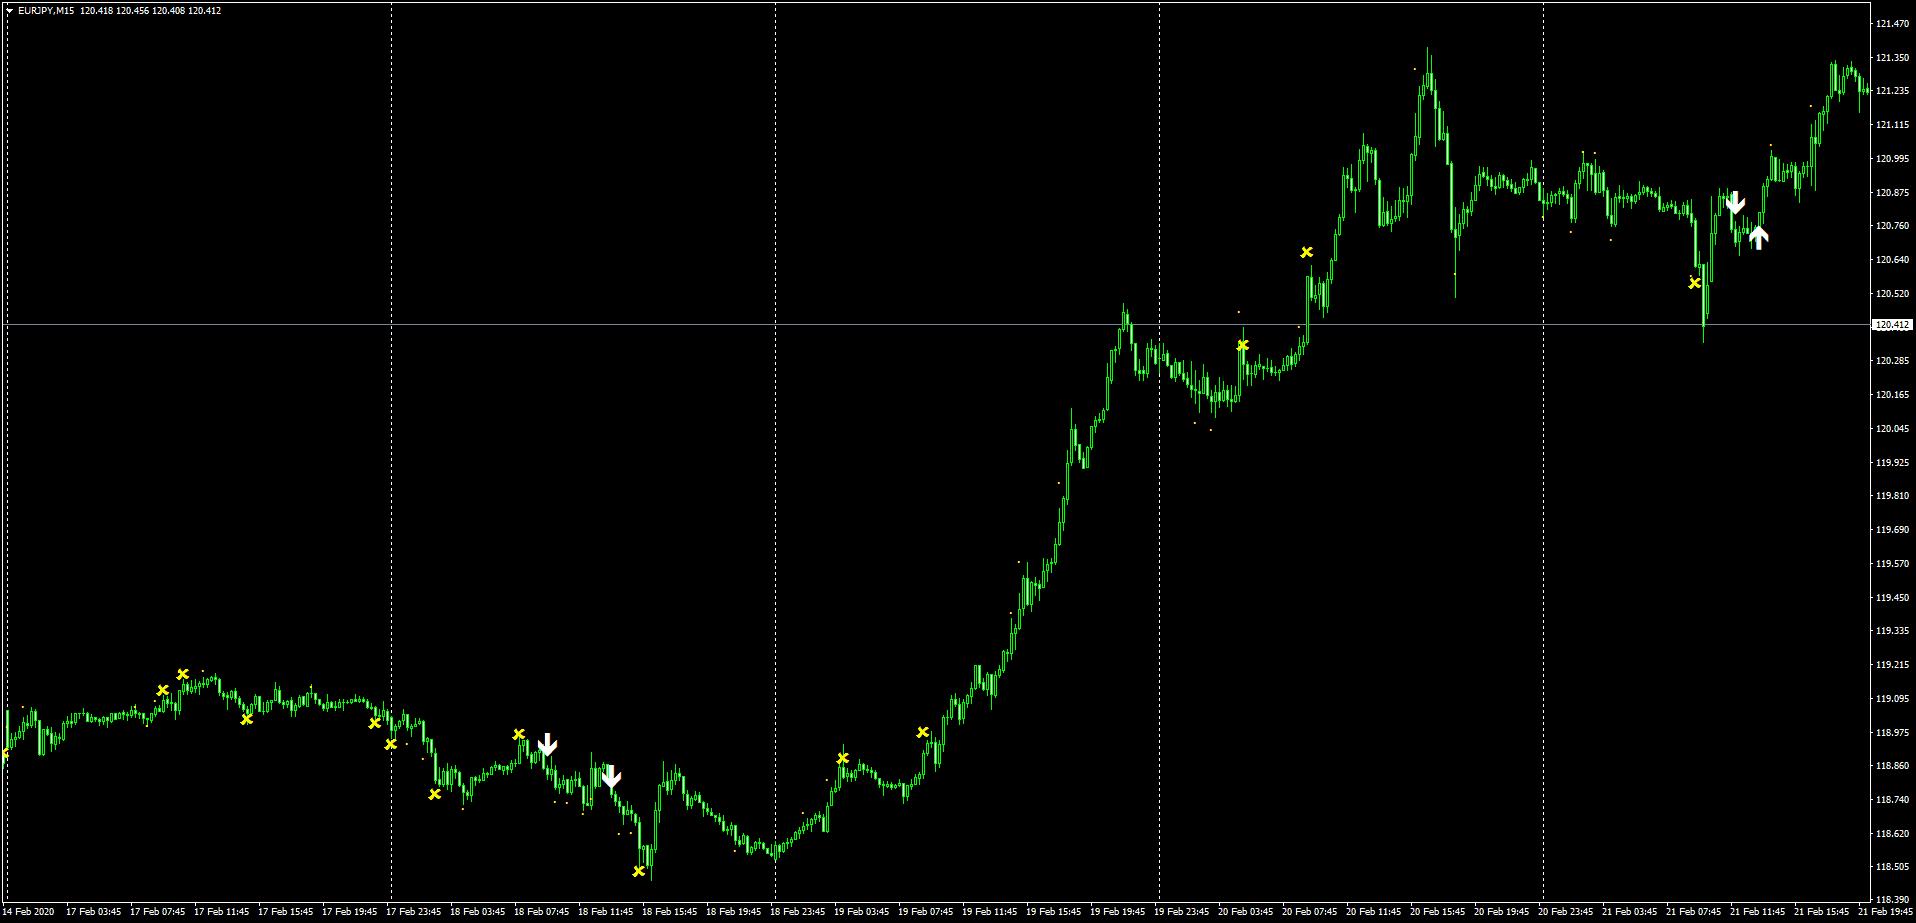 ユーロ円の2月17日~21日までのSindyサイン状